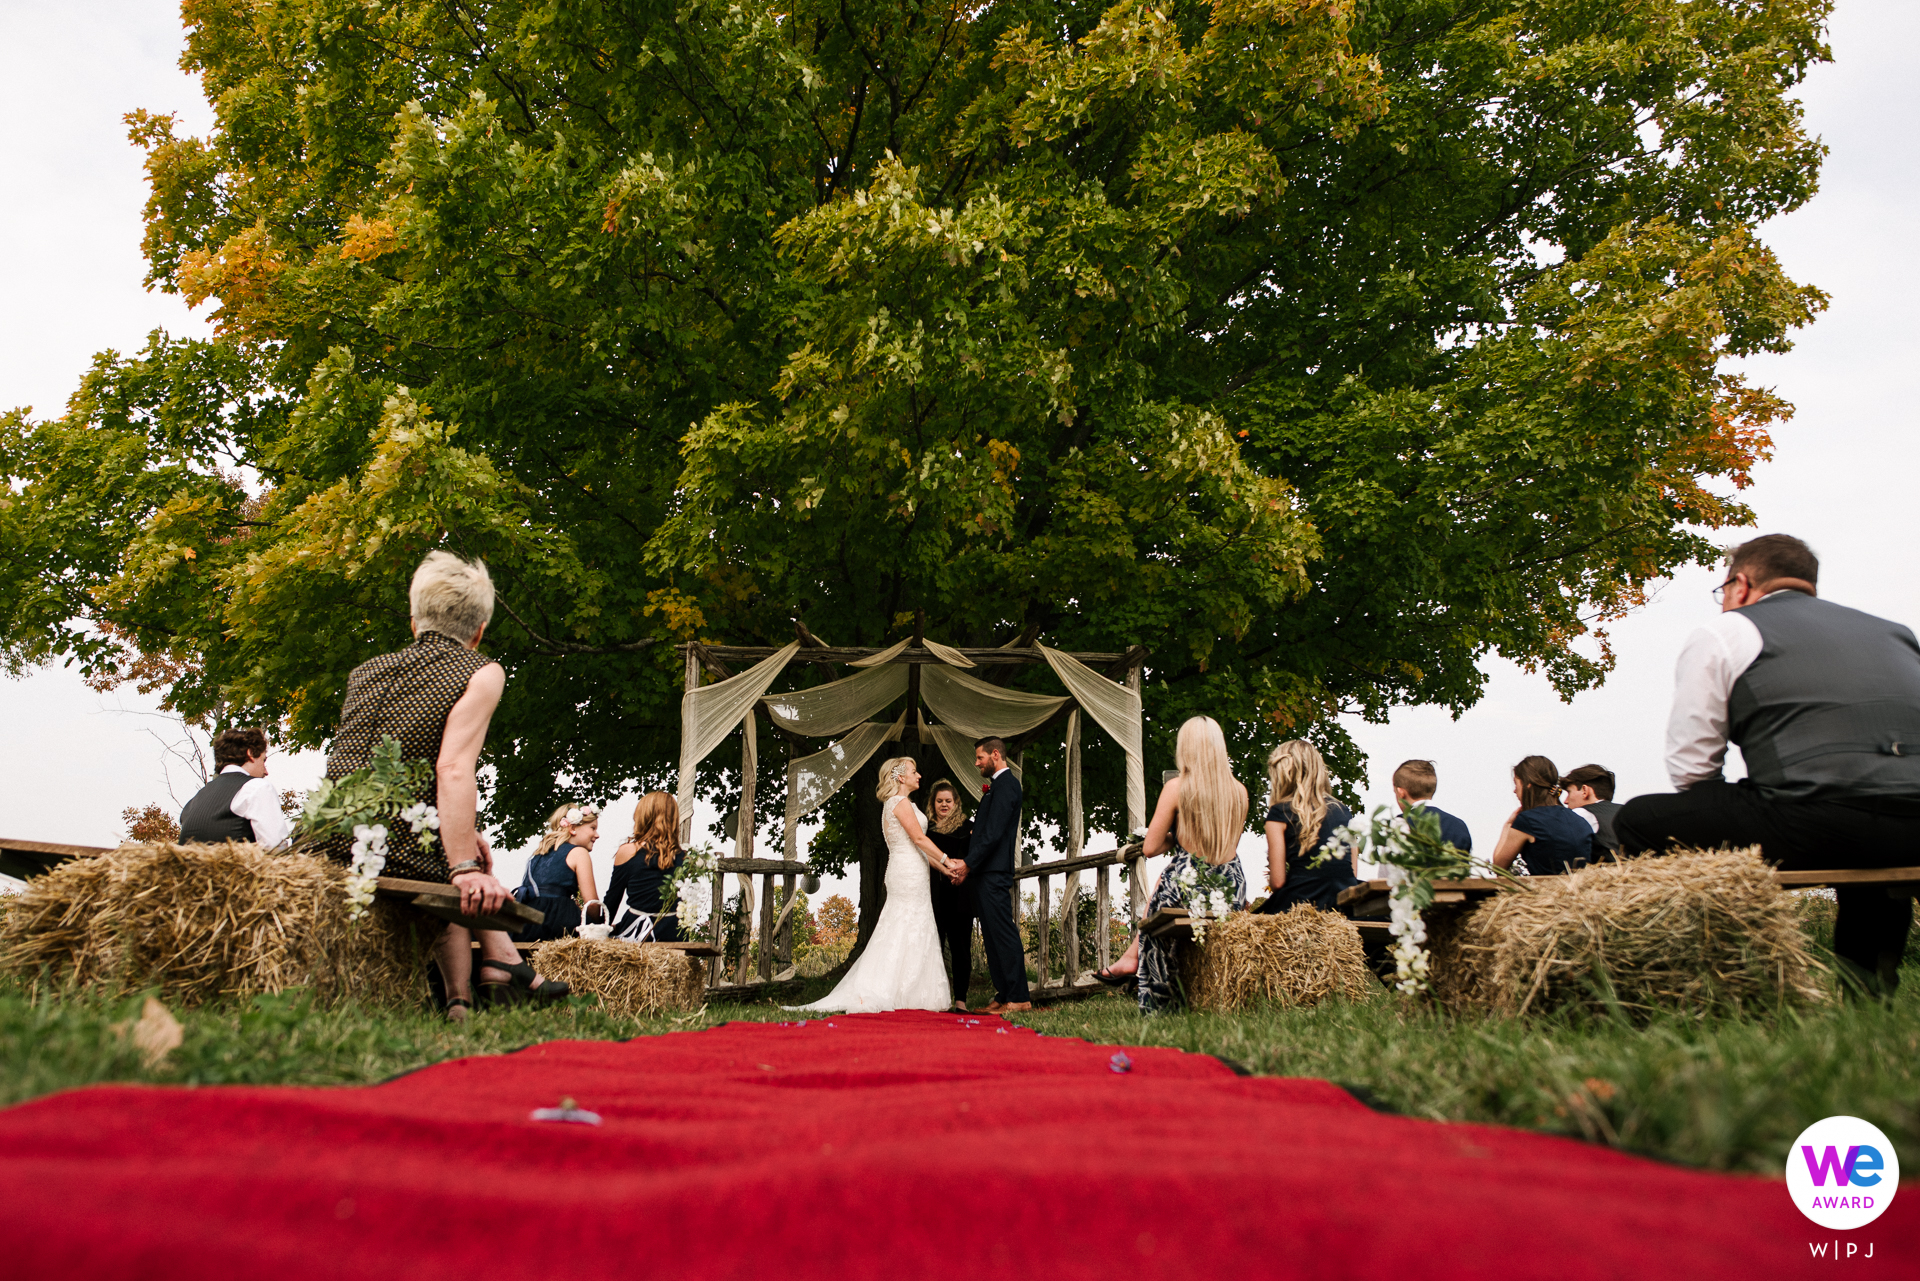 Versteckte Wiesen Hochzeitsfotografie | Braut und Bräutigam legen ihre Gelübde im Schatten eines weitläufigen Baumes ab